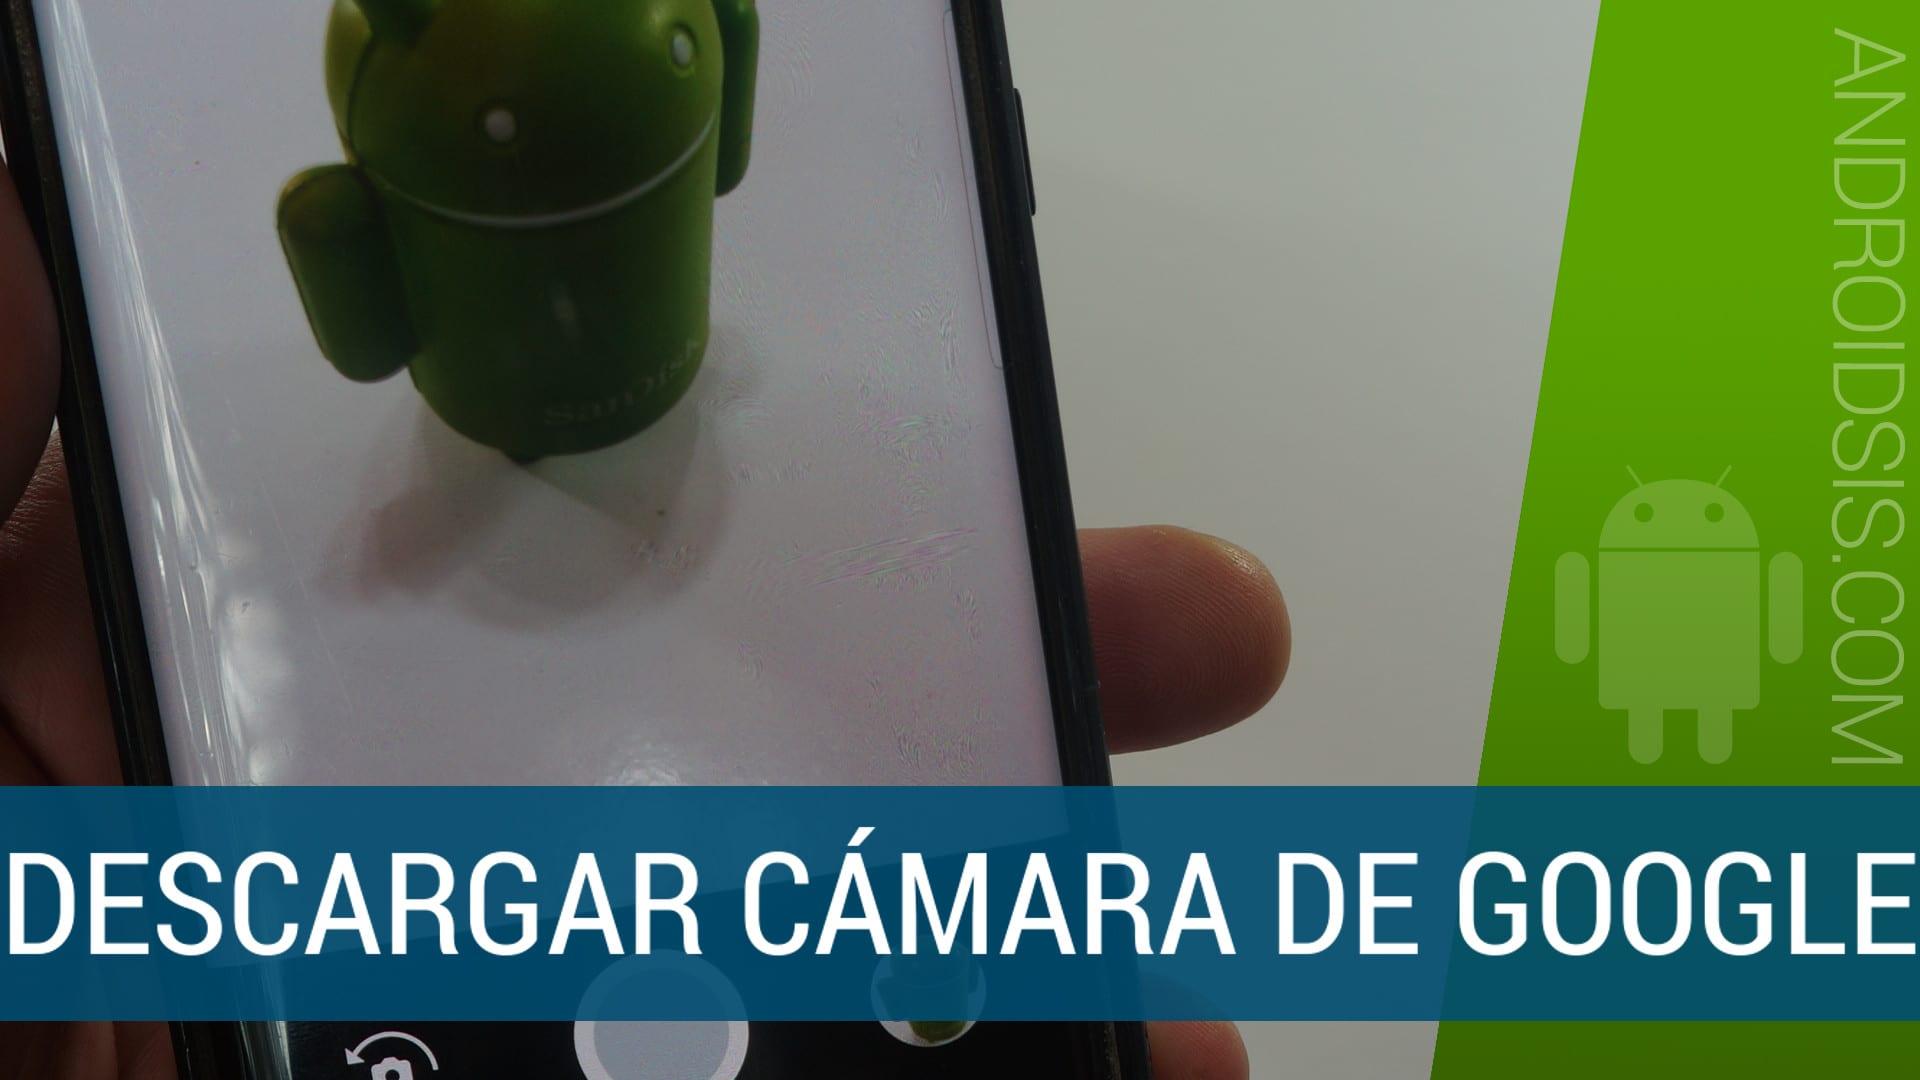 [APK] Cómo descargar e instalar la cámara de Google. (No disponible en el Play Store)